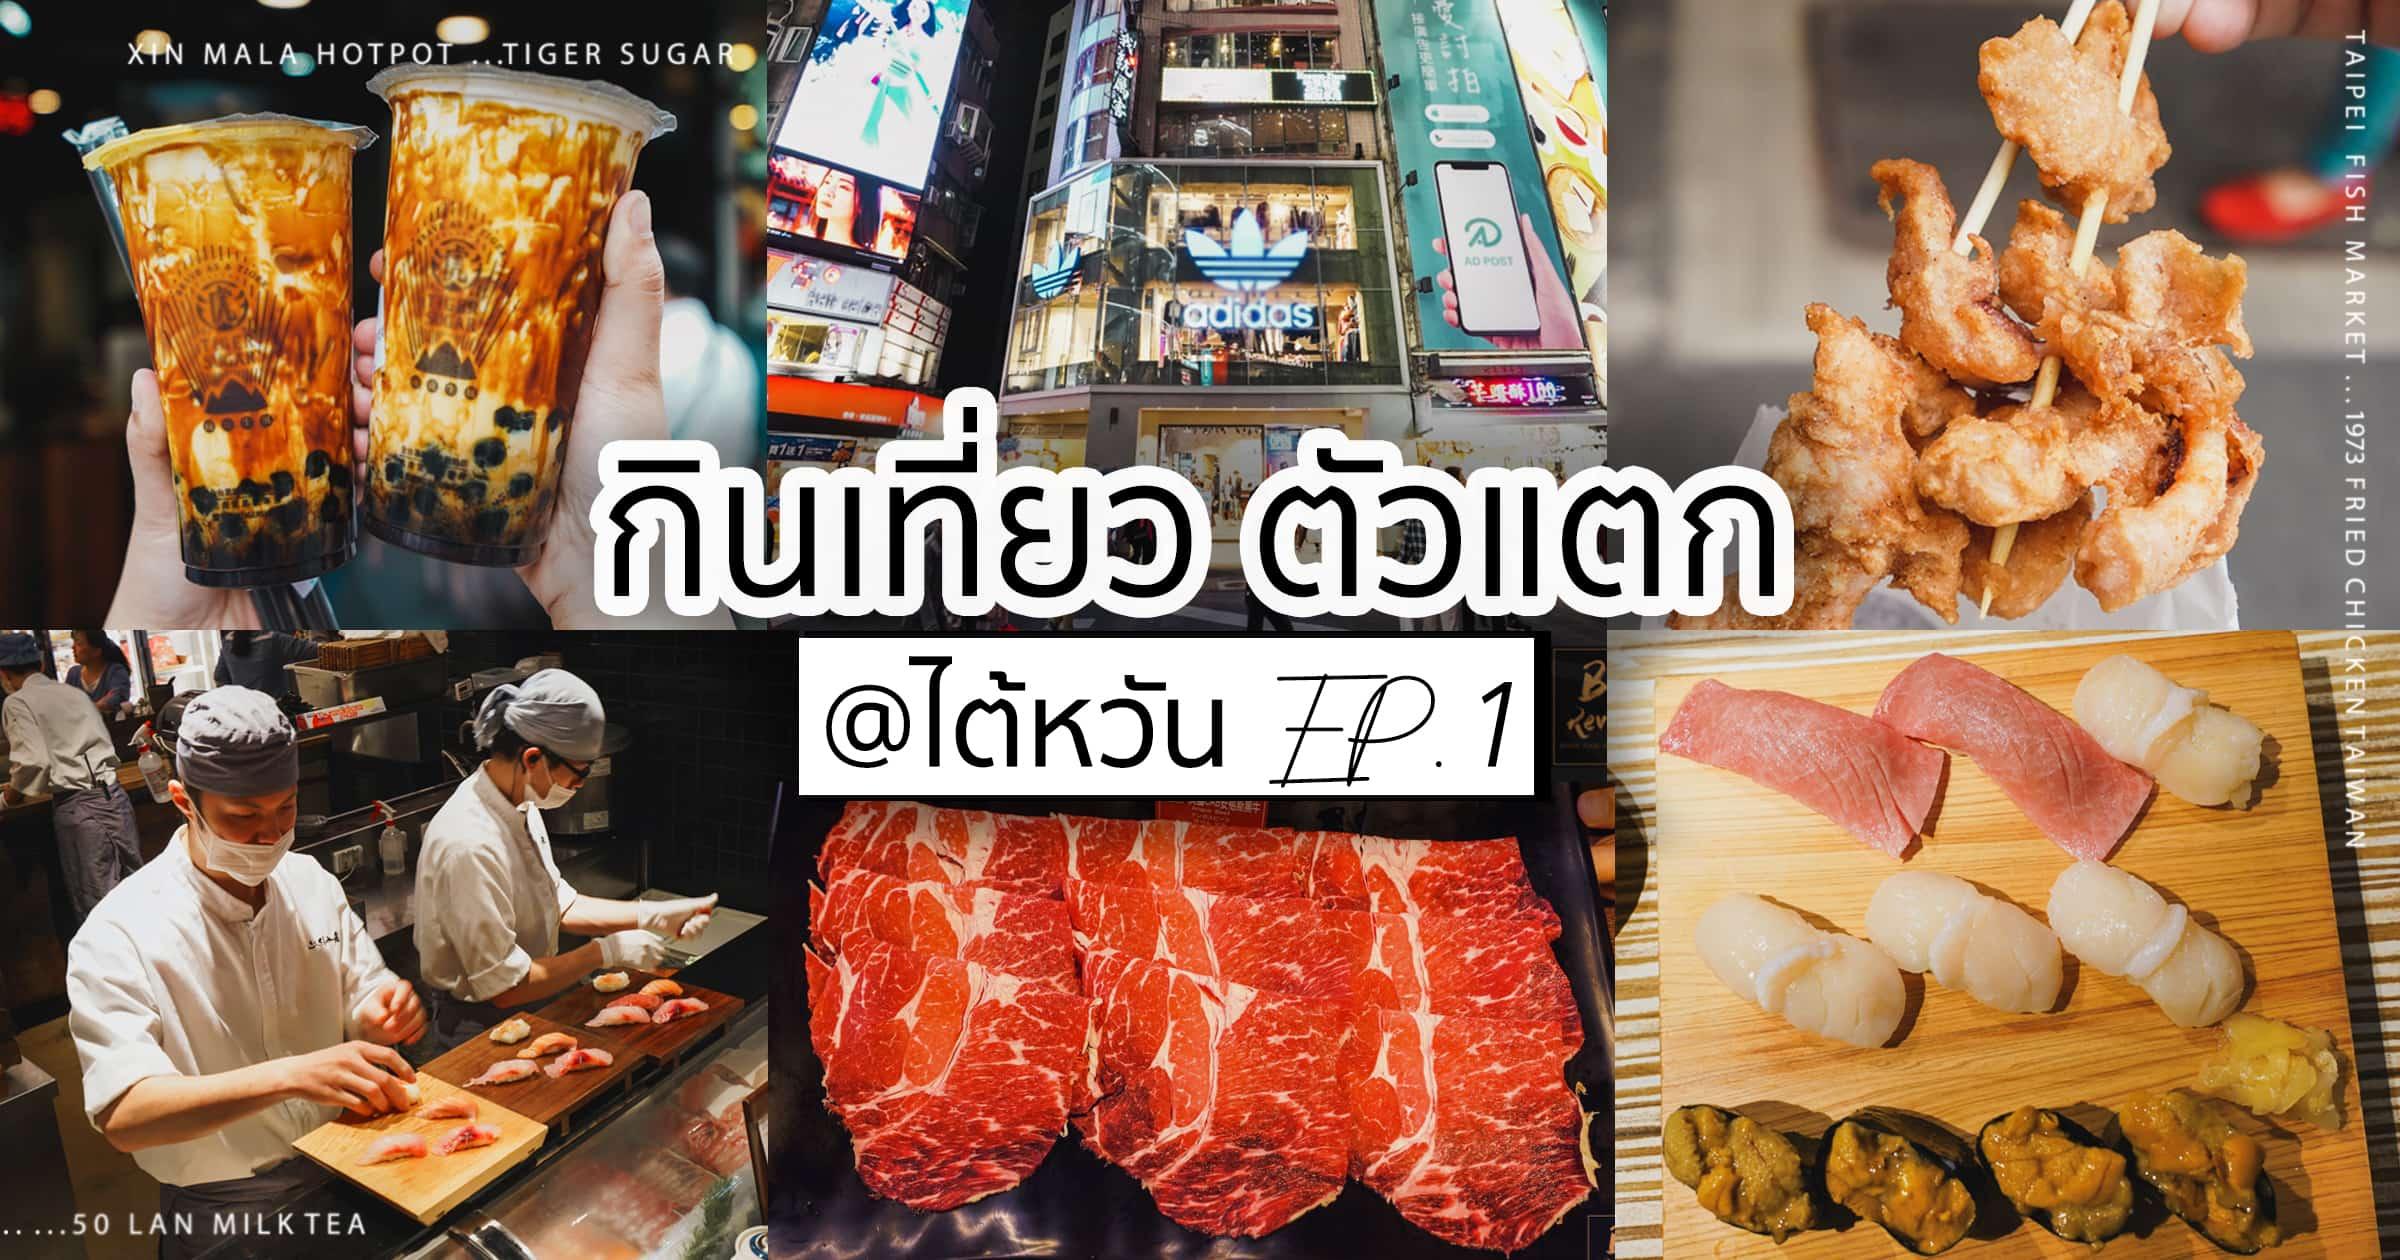 รีวิวไต้หวัน EP.1 ครั้งแรกที่ไต้หวัน บุก Ximending, ลุยตลาดปลาไทเป, อิ่มที่ Xin Mala